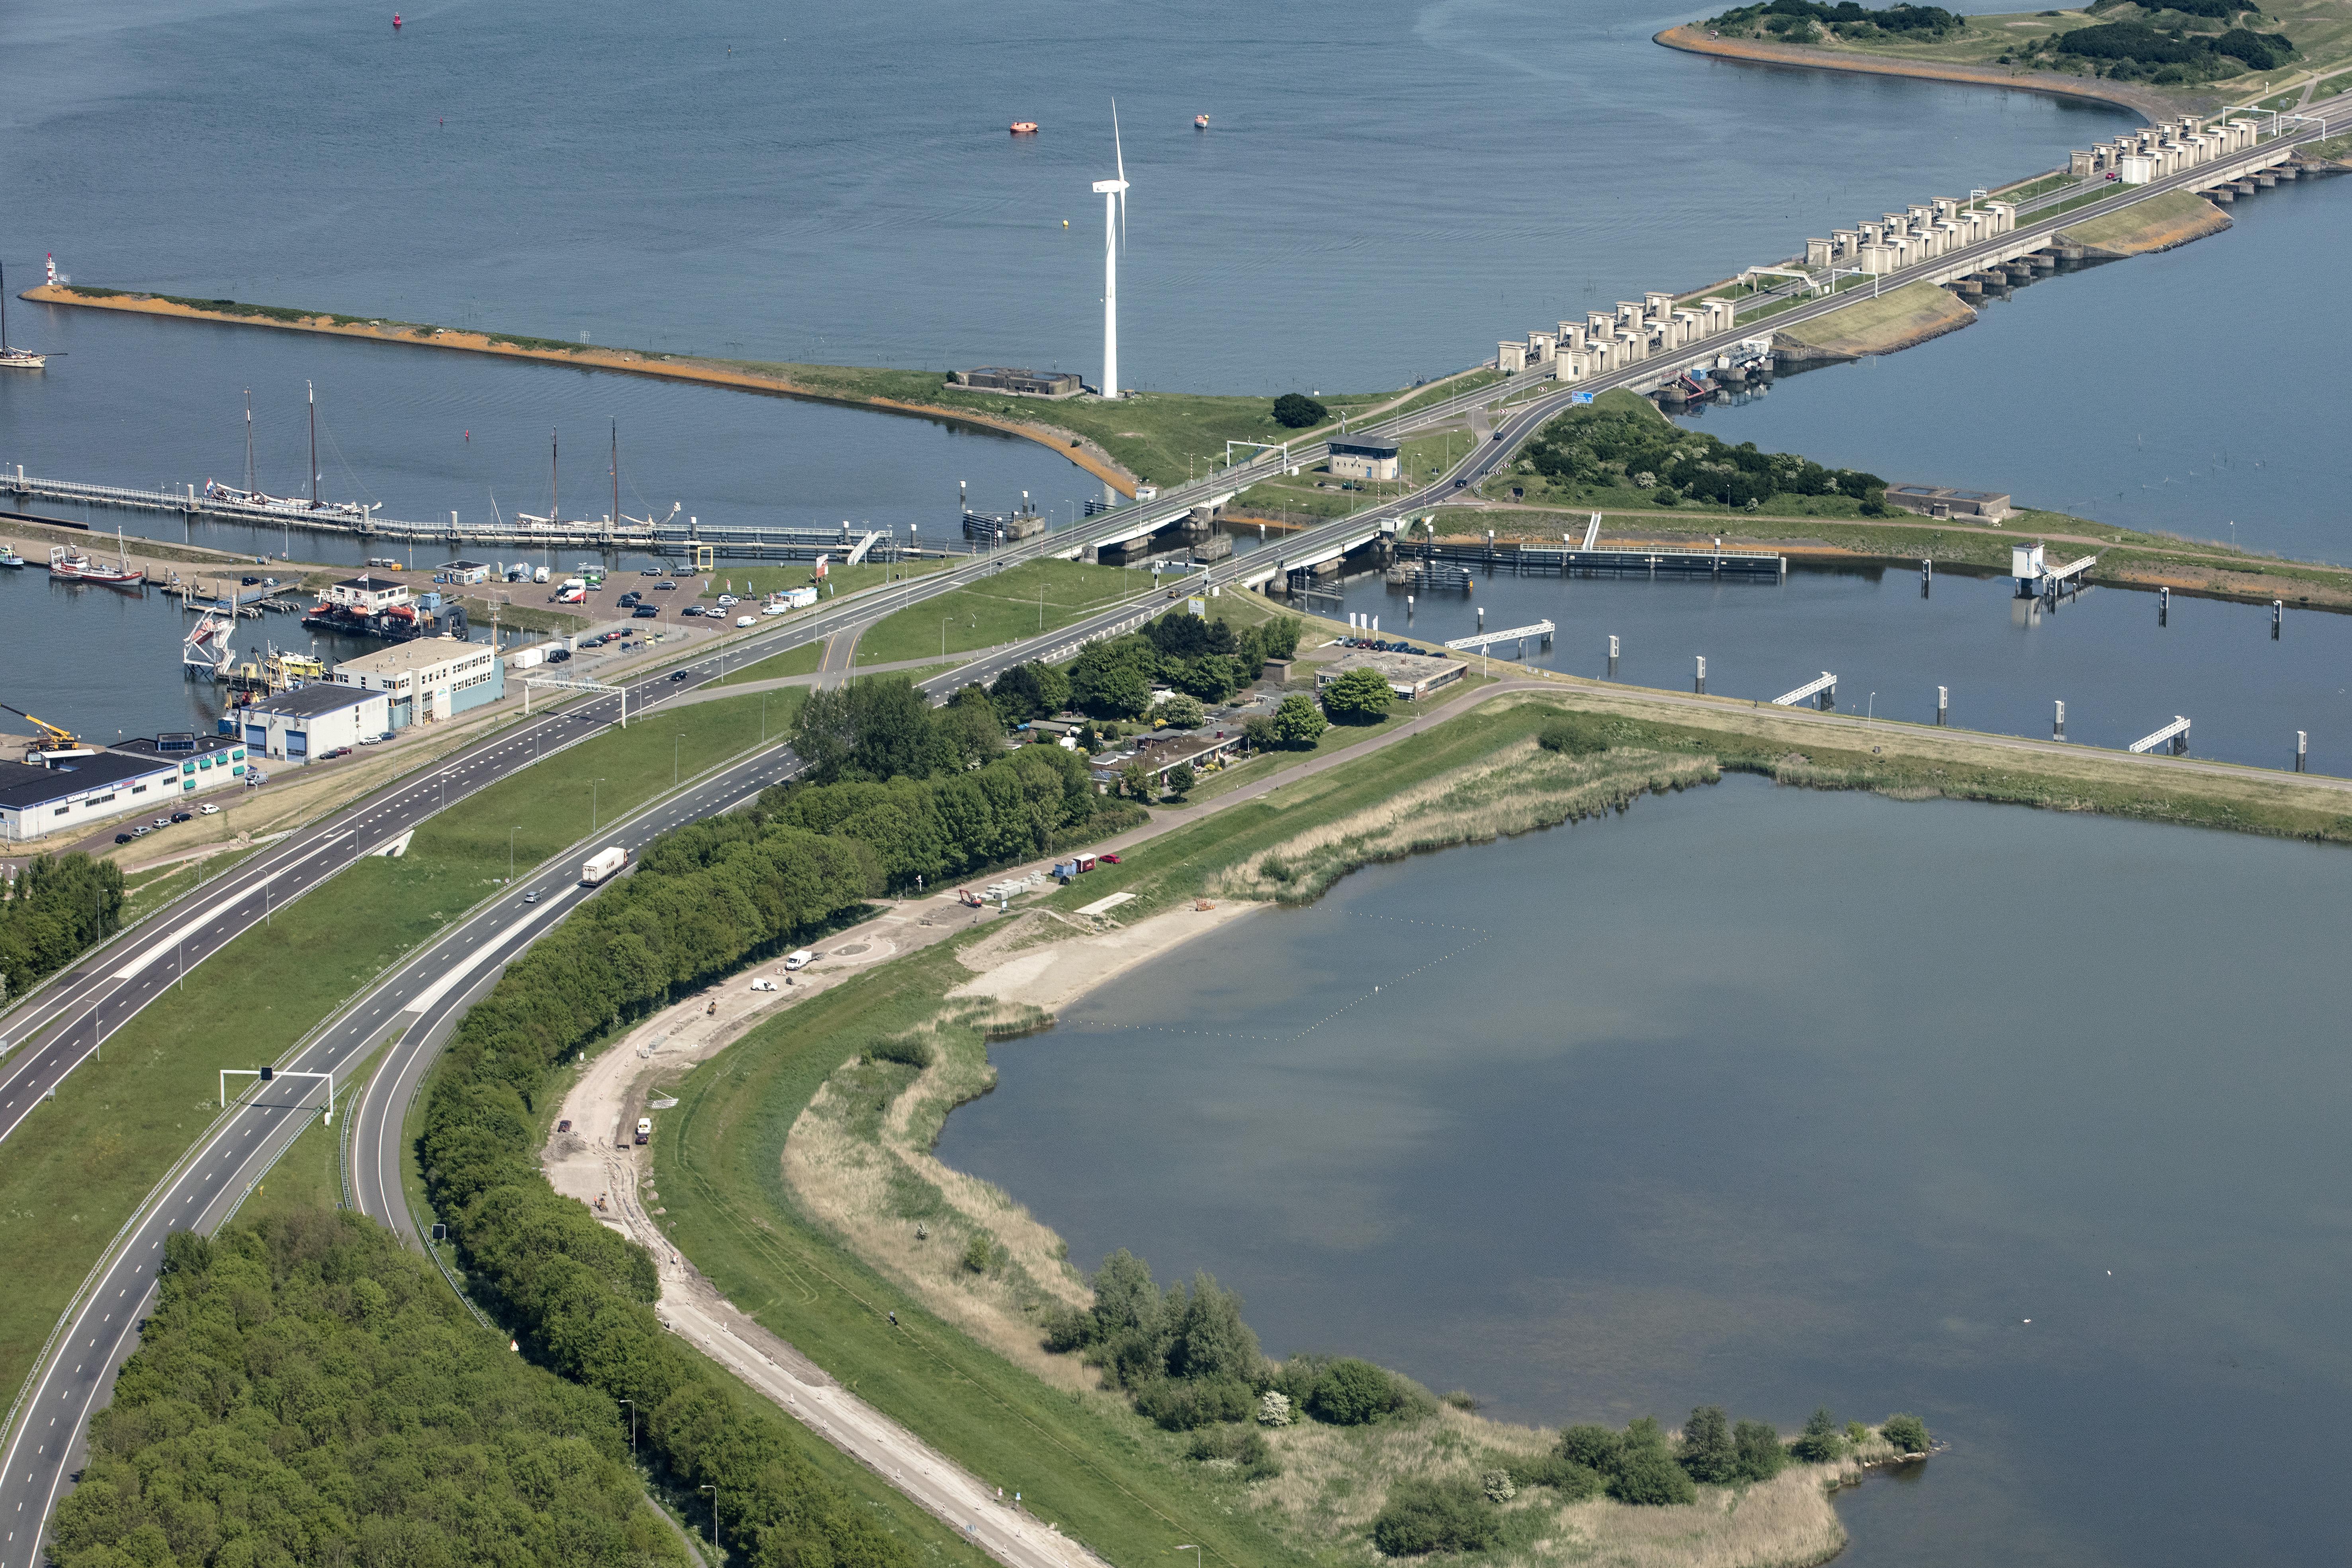 Wild kamperen met de camper aan de Zuiderhaven in Den Oever aan banden: sprake van onhygiënische toestanden